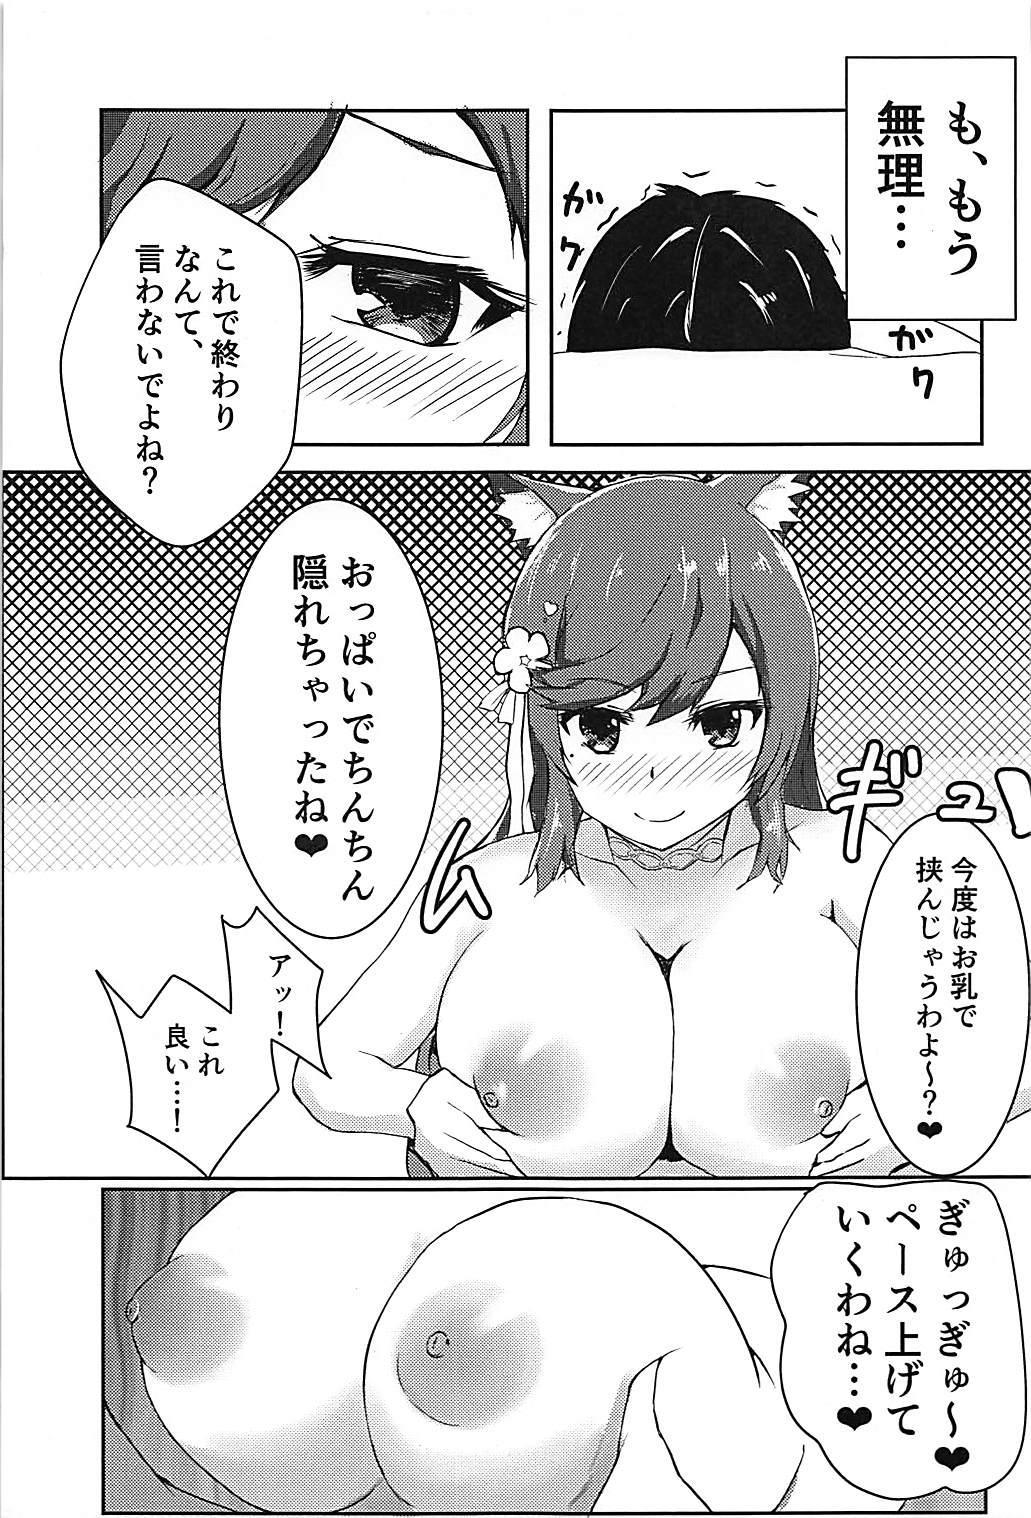 Watashi no Mune ni Tobikon de 9